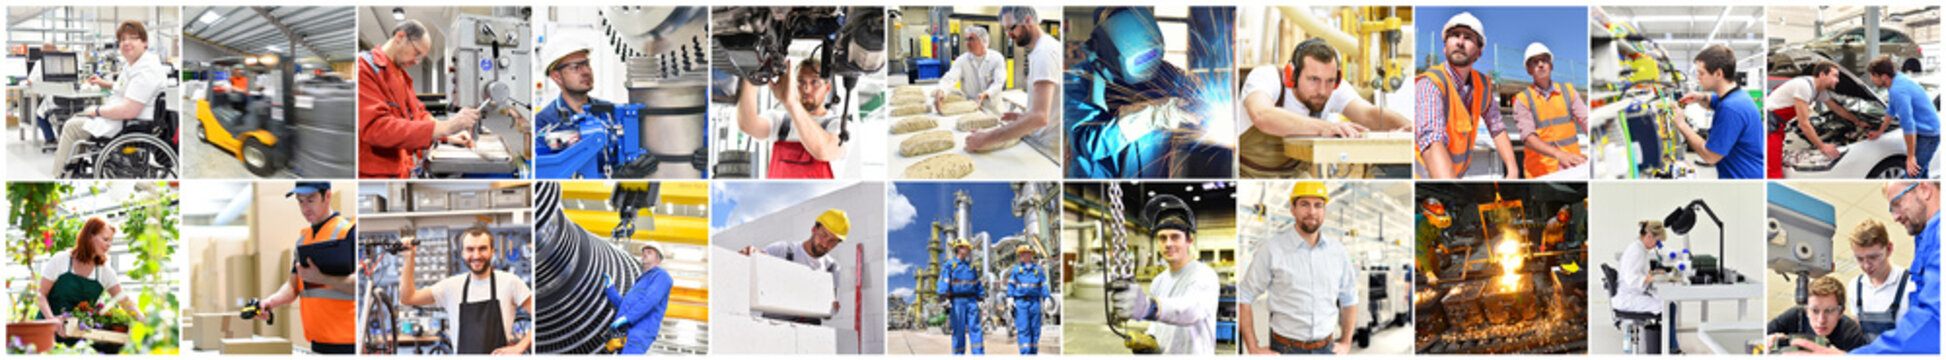 Berufe im Handwerk, Industrie & Dienstleistungssektor